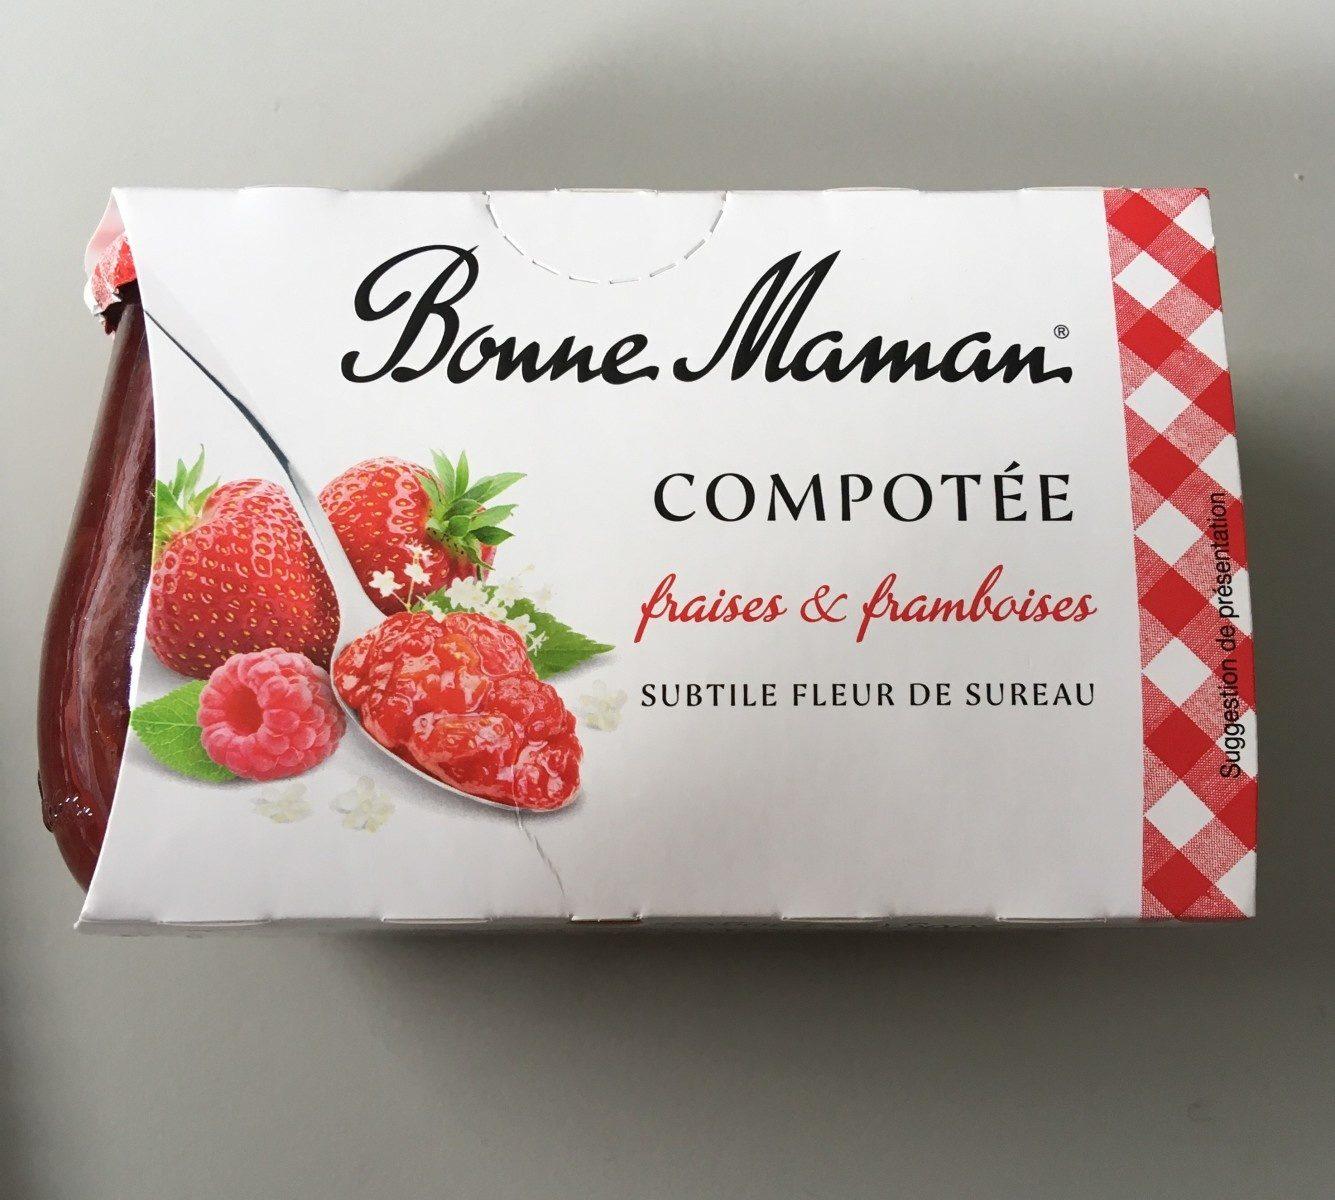 Compotée fraises et framboises - Produit